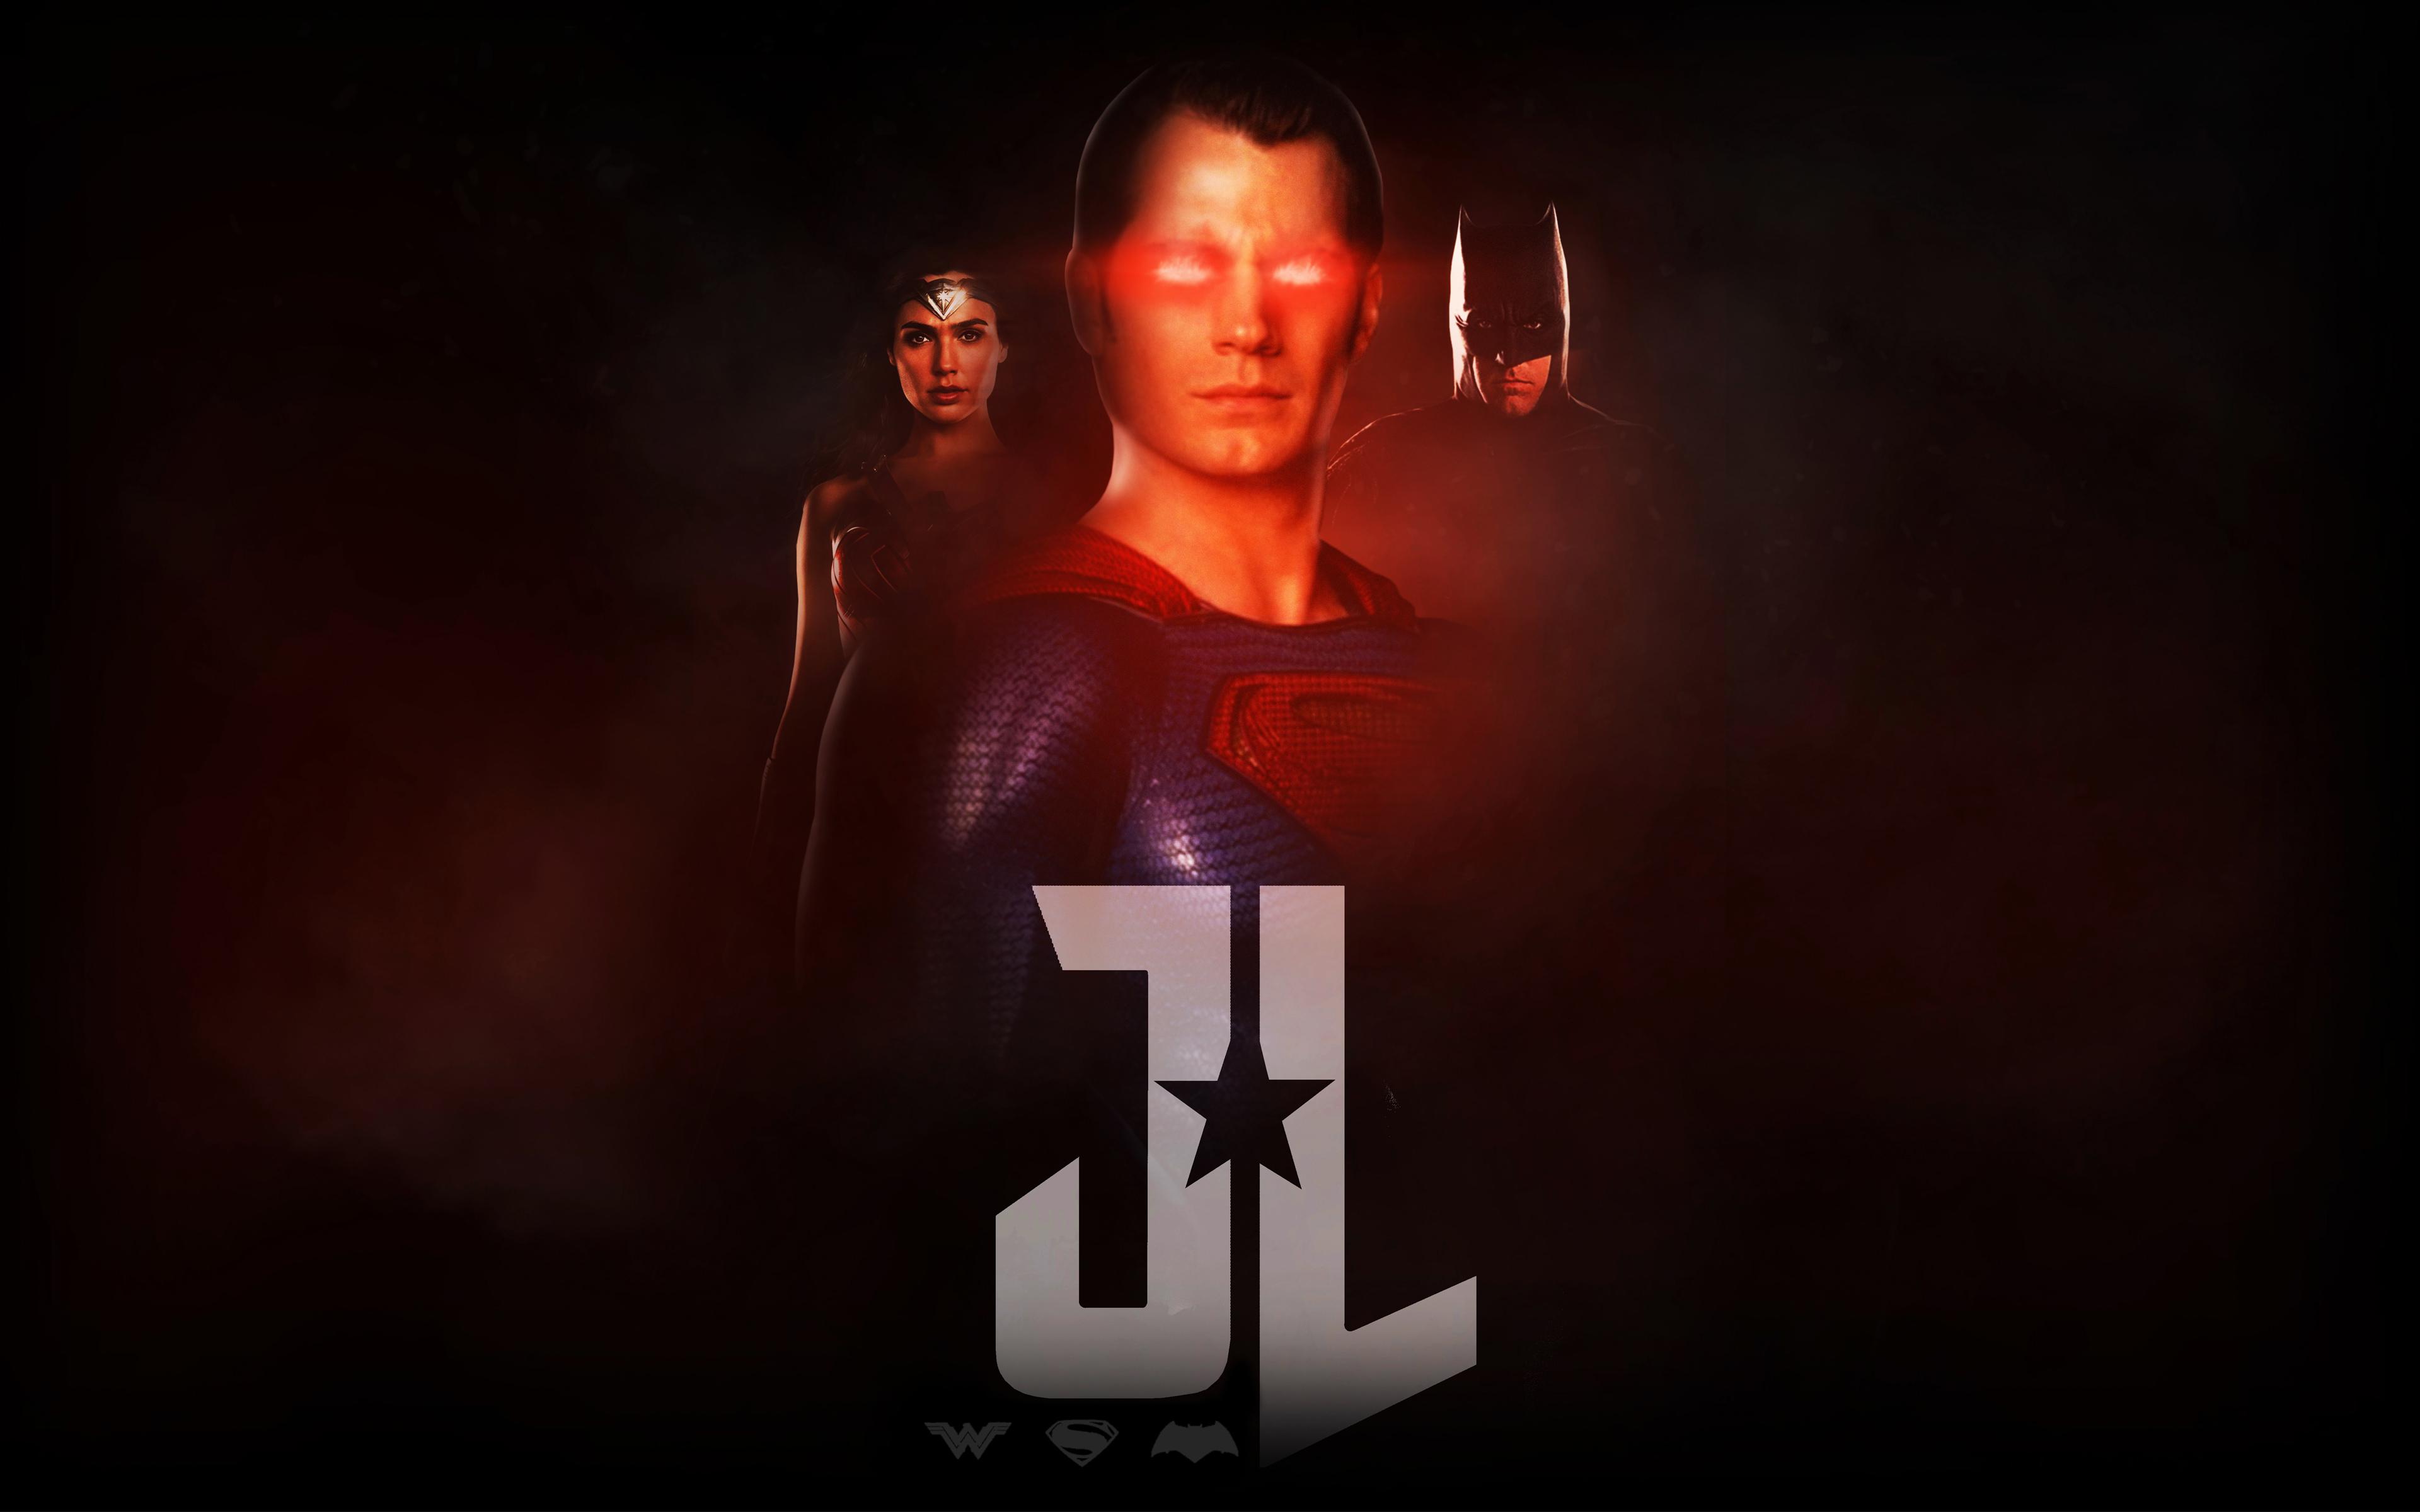 Лига справедливости чудо женщина супермен Бэтмен обои скачать